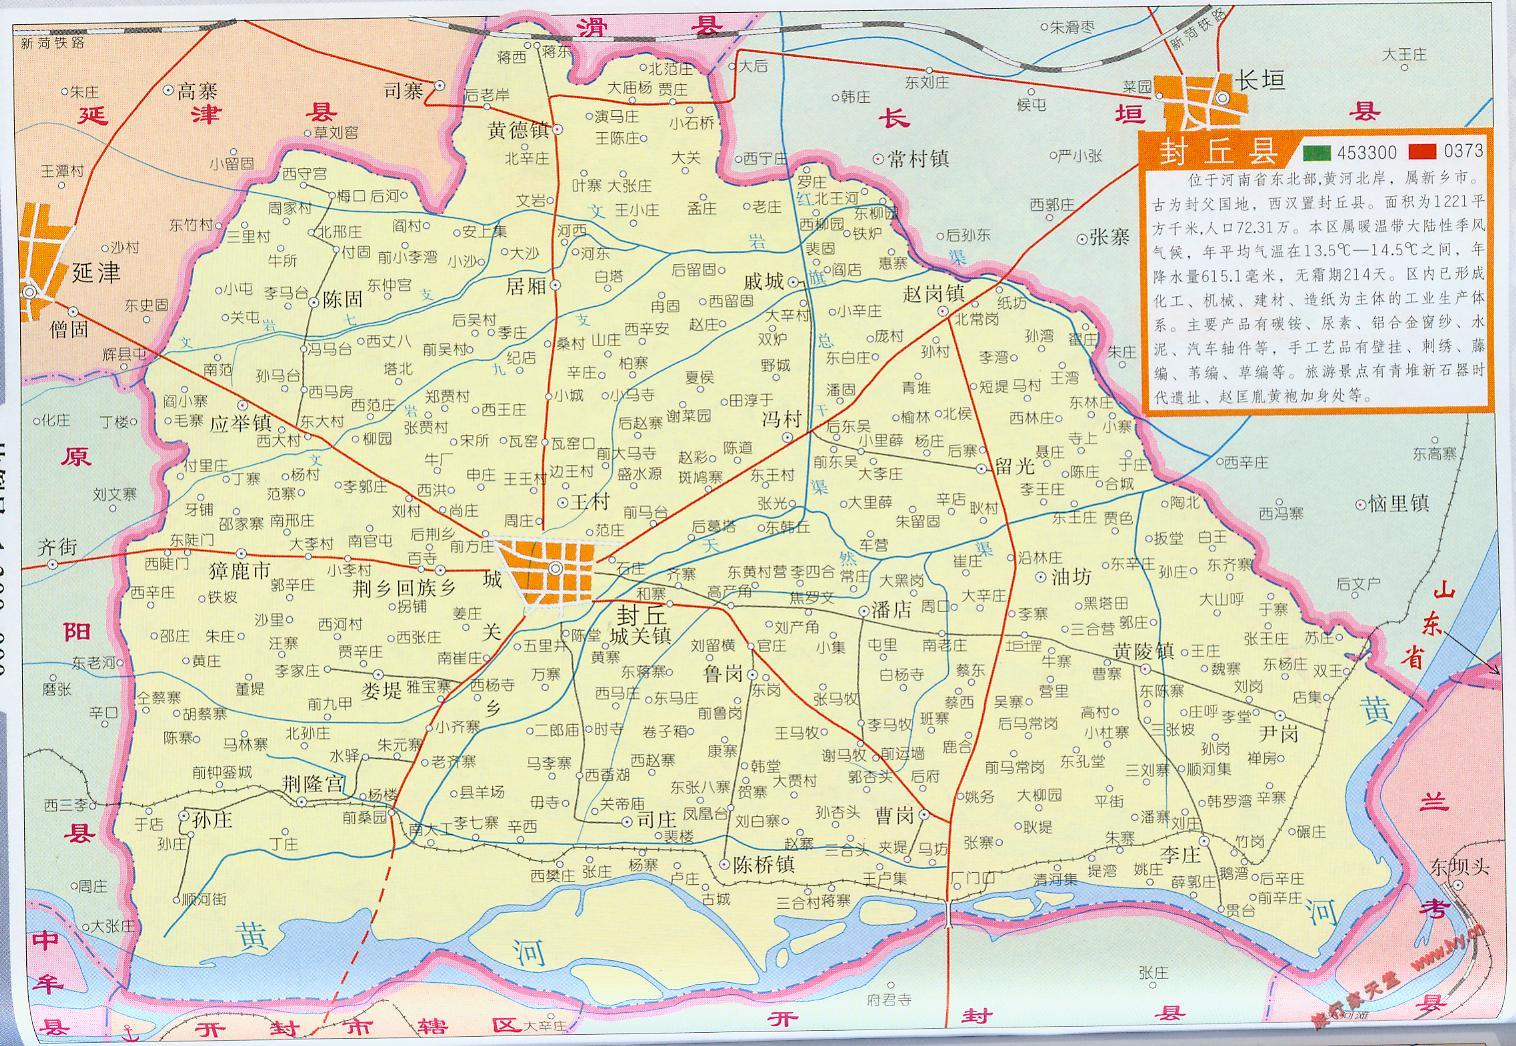 封丘县地图_新乡地图库